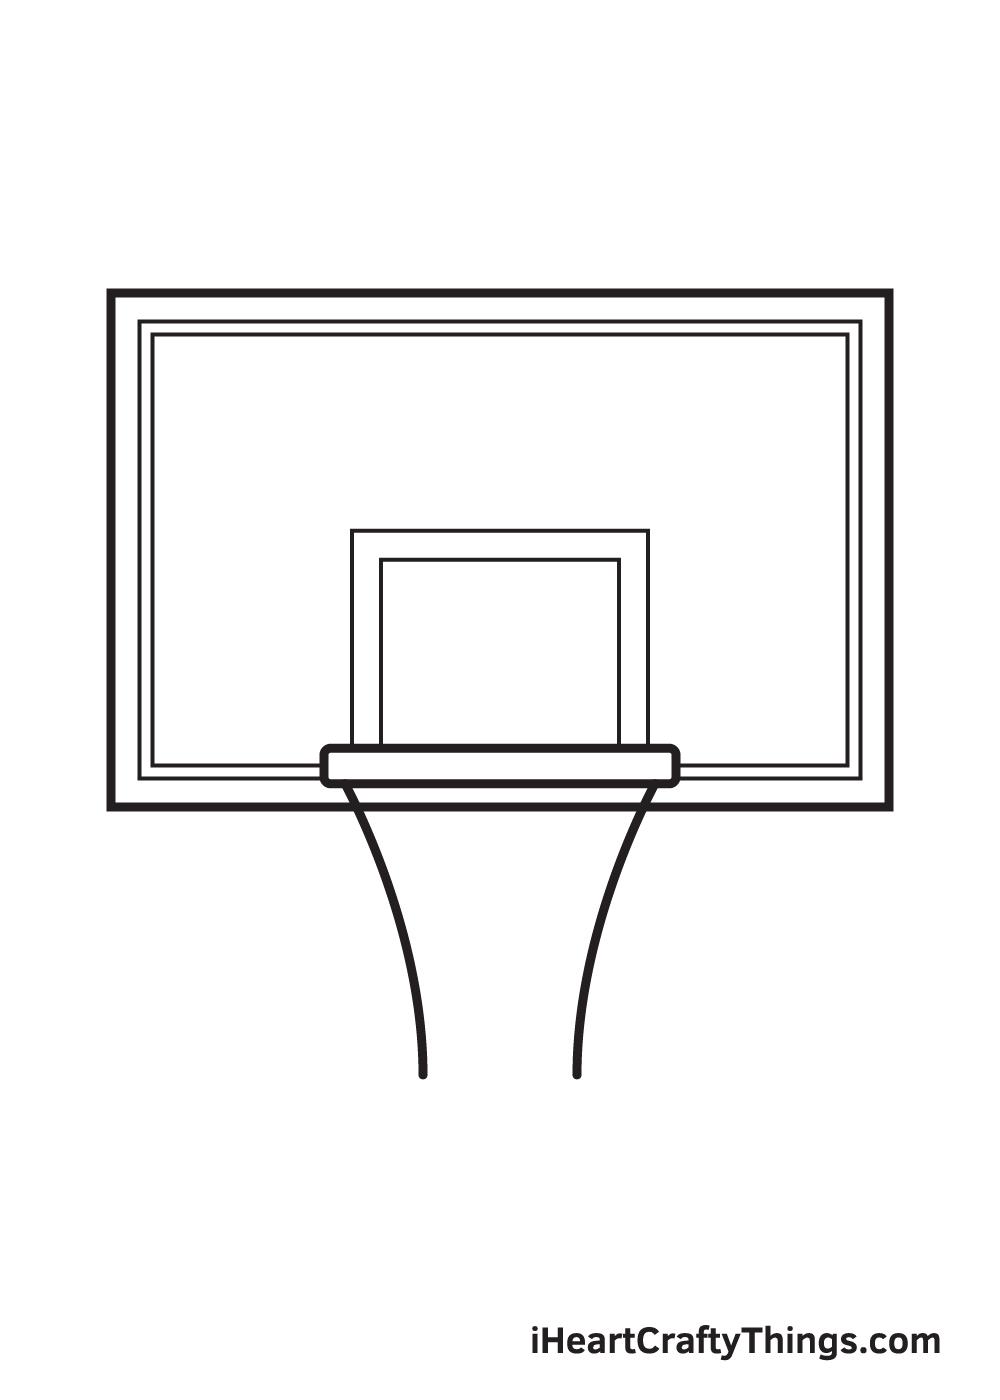 basketball hoop drawing step 6